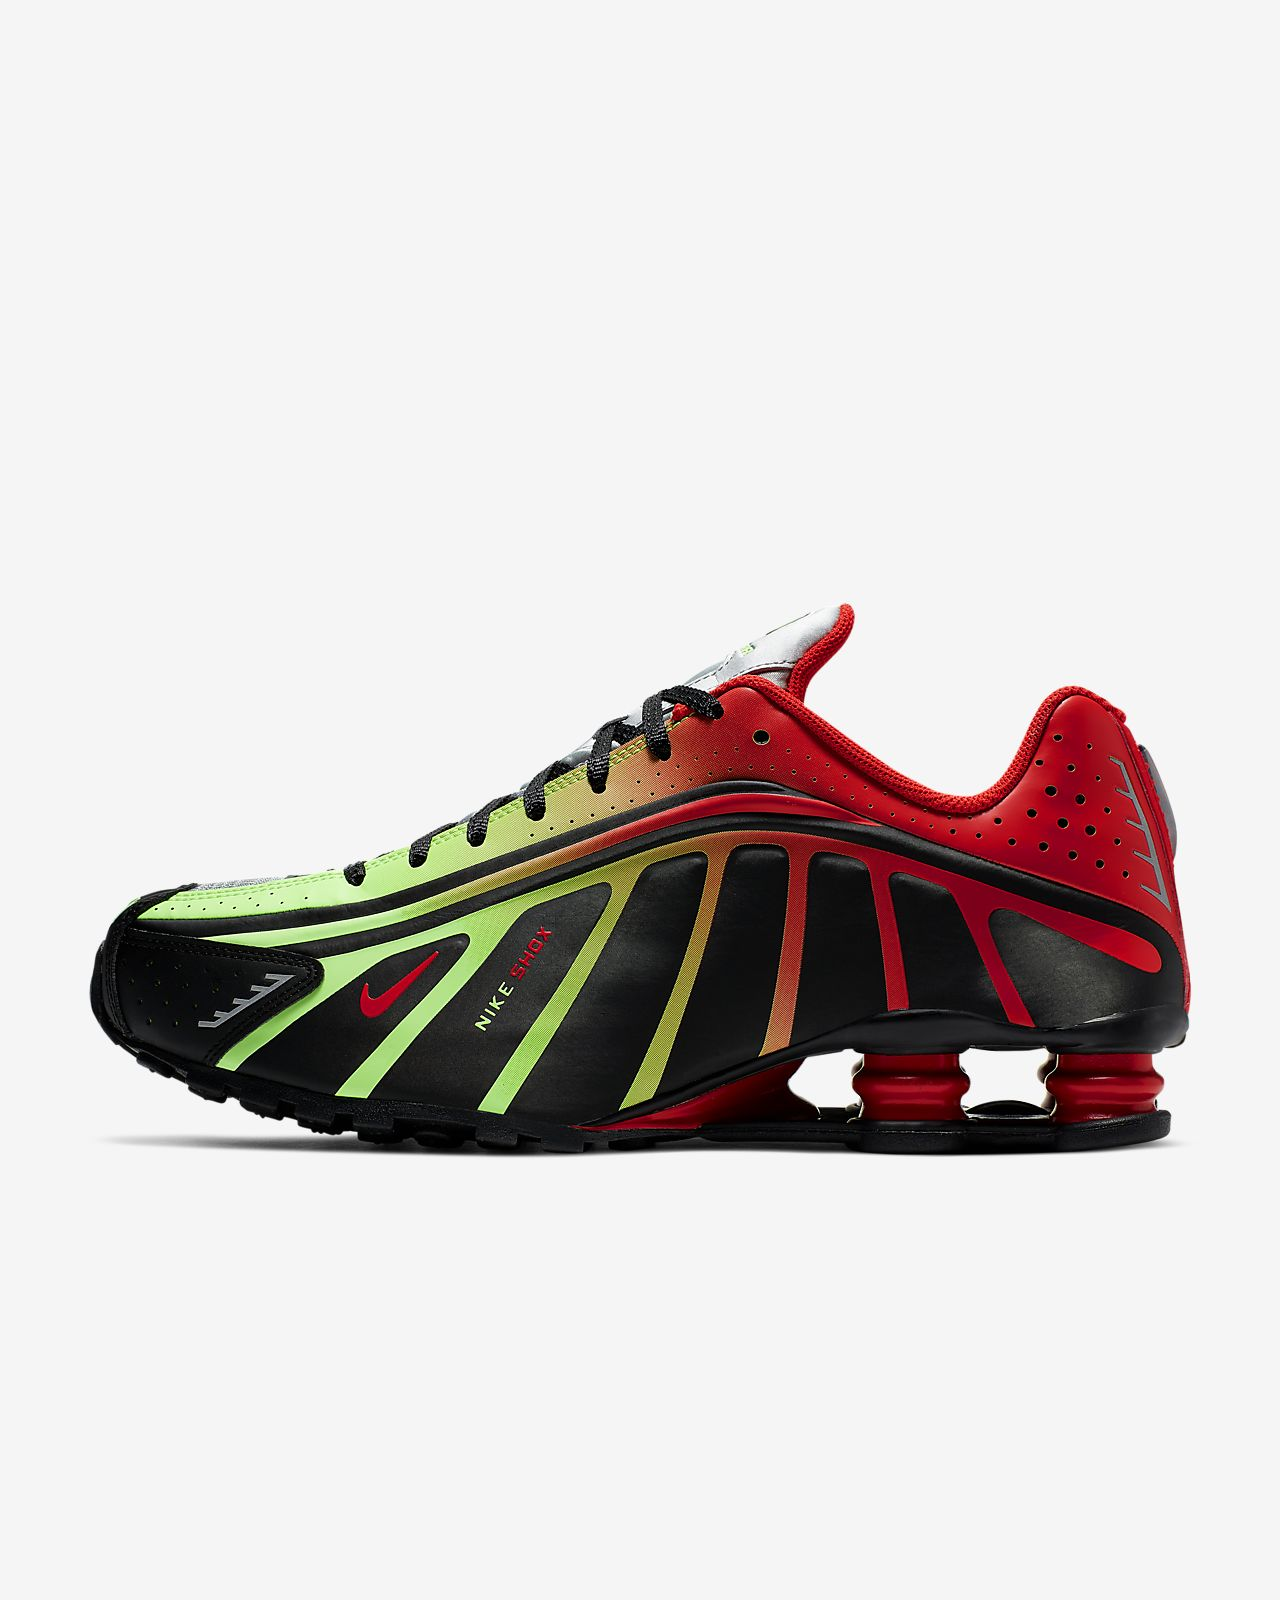 Nike Shox R4 / Neymar Jr.男/女运动鞋